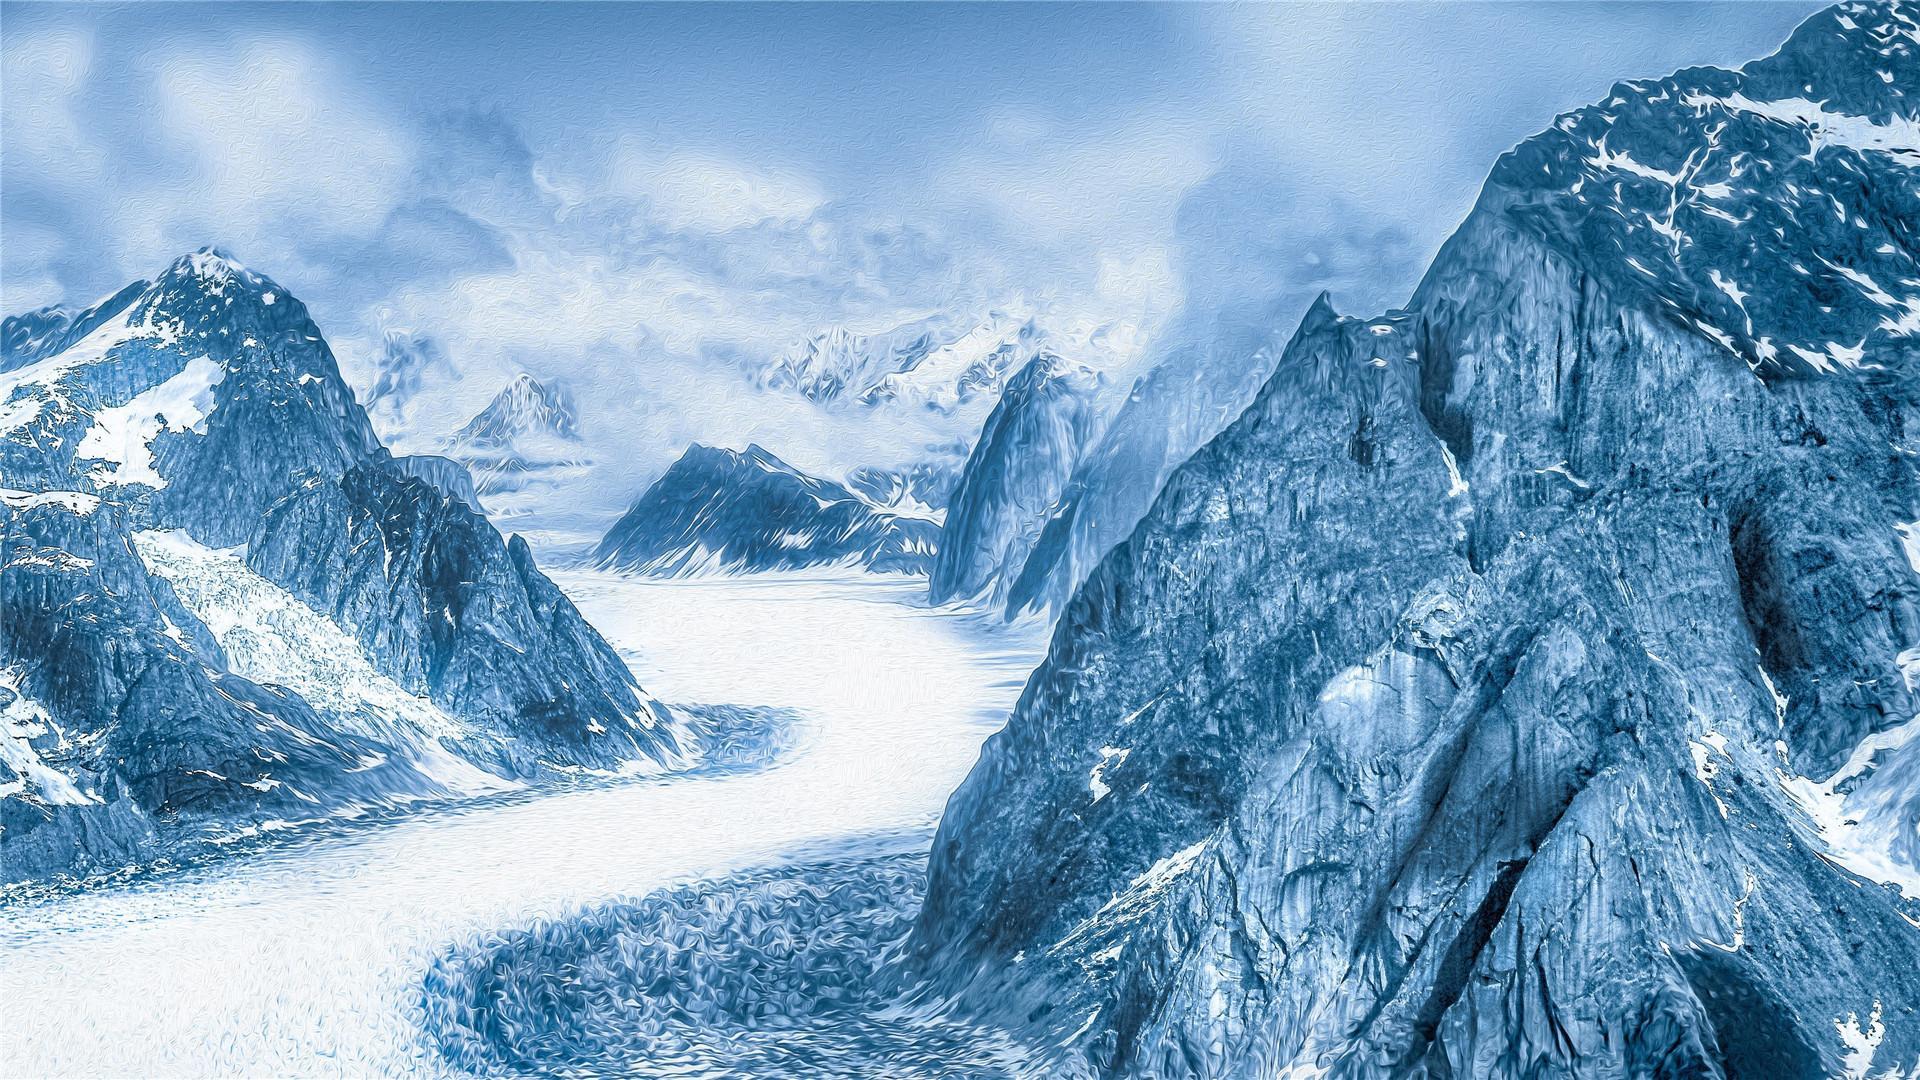 雪山冰川唯美风景高清桌面壁纸_图片新闻_东方头条